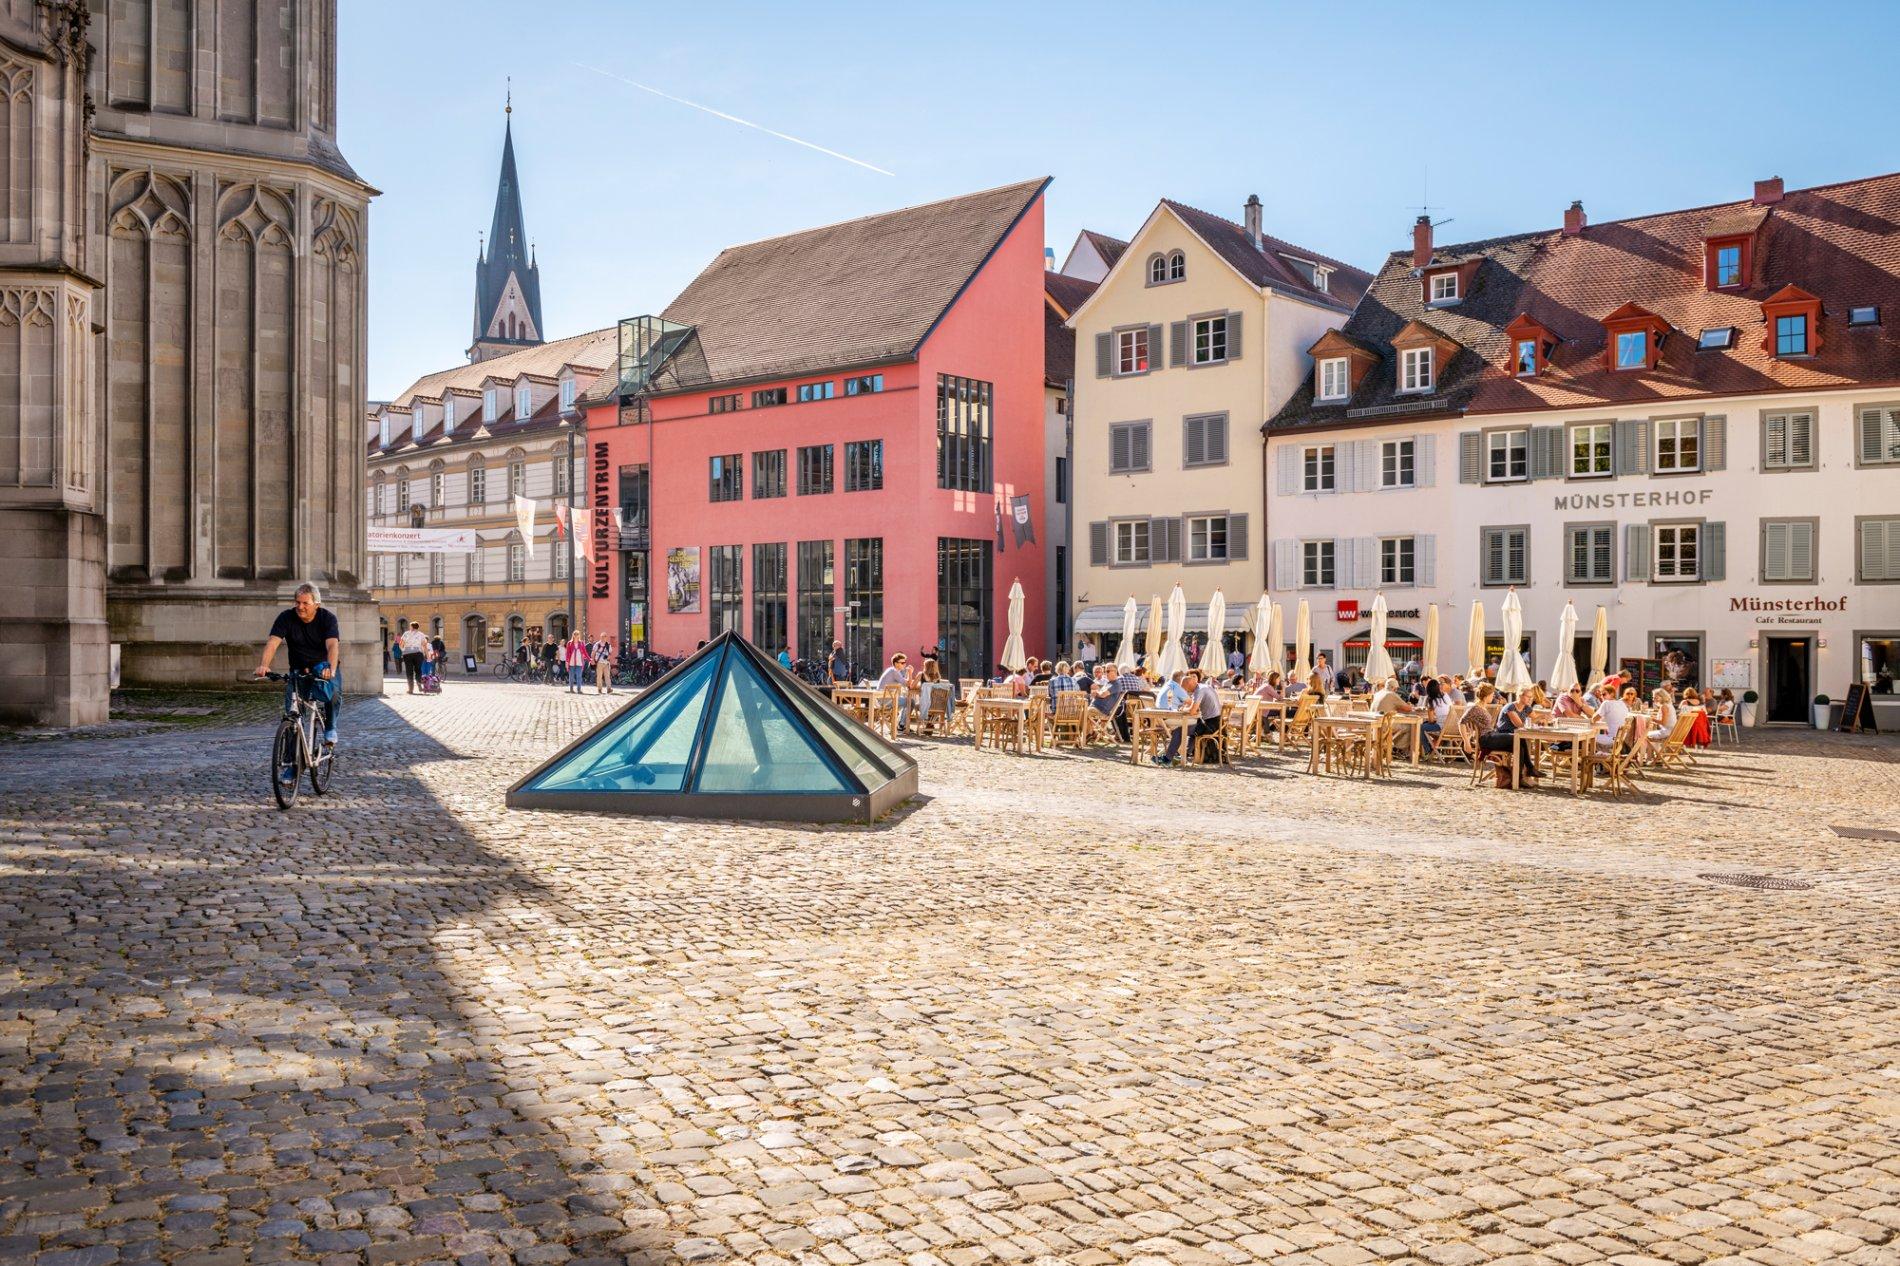 Zentral und vielfältig: Das Kulturzentrum am Münsterplatz